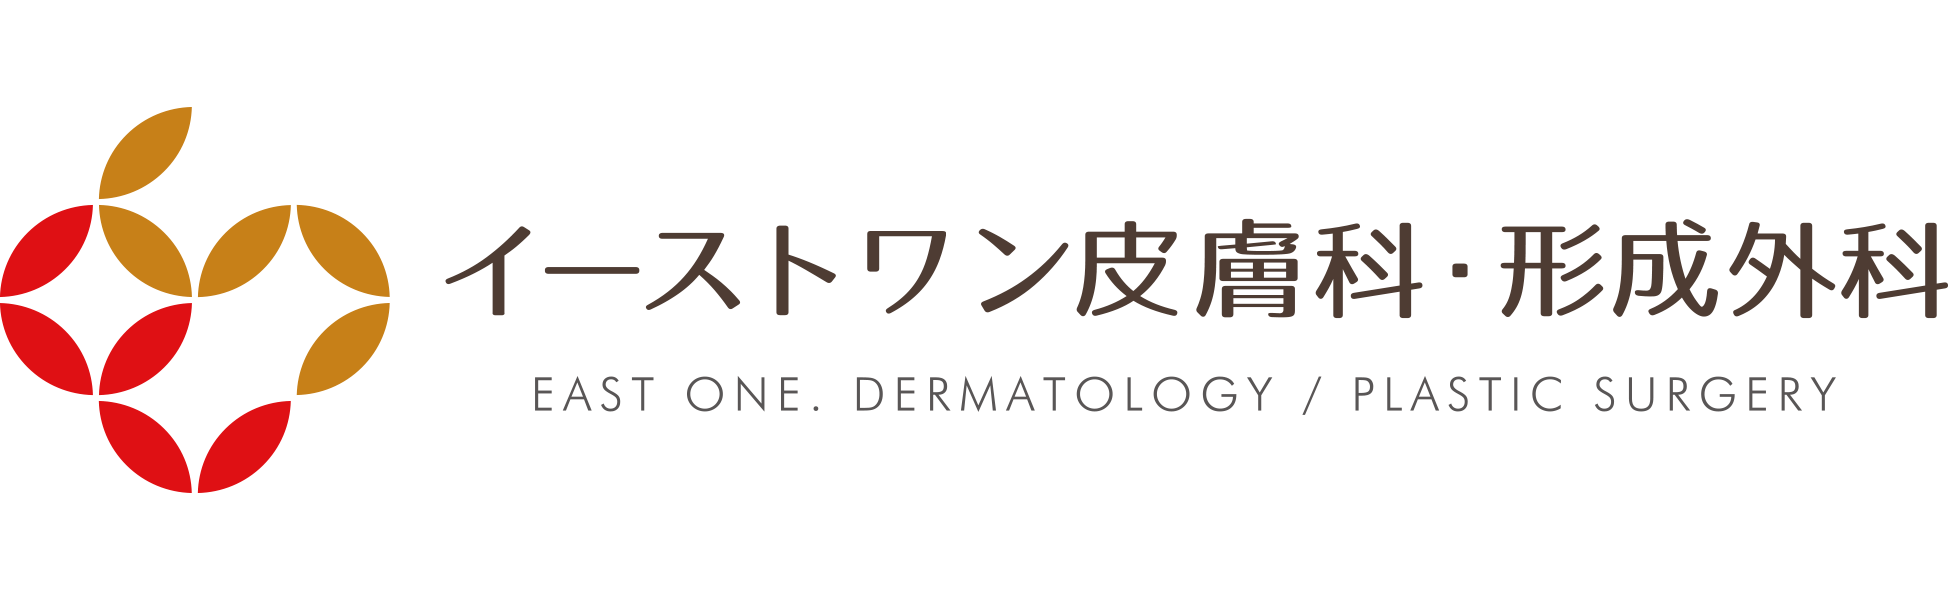 イーストワン皮膚科・形成外科 奥野公成 超皮膚科学